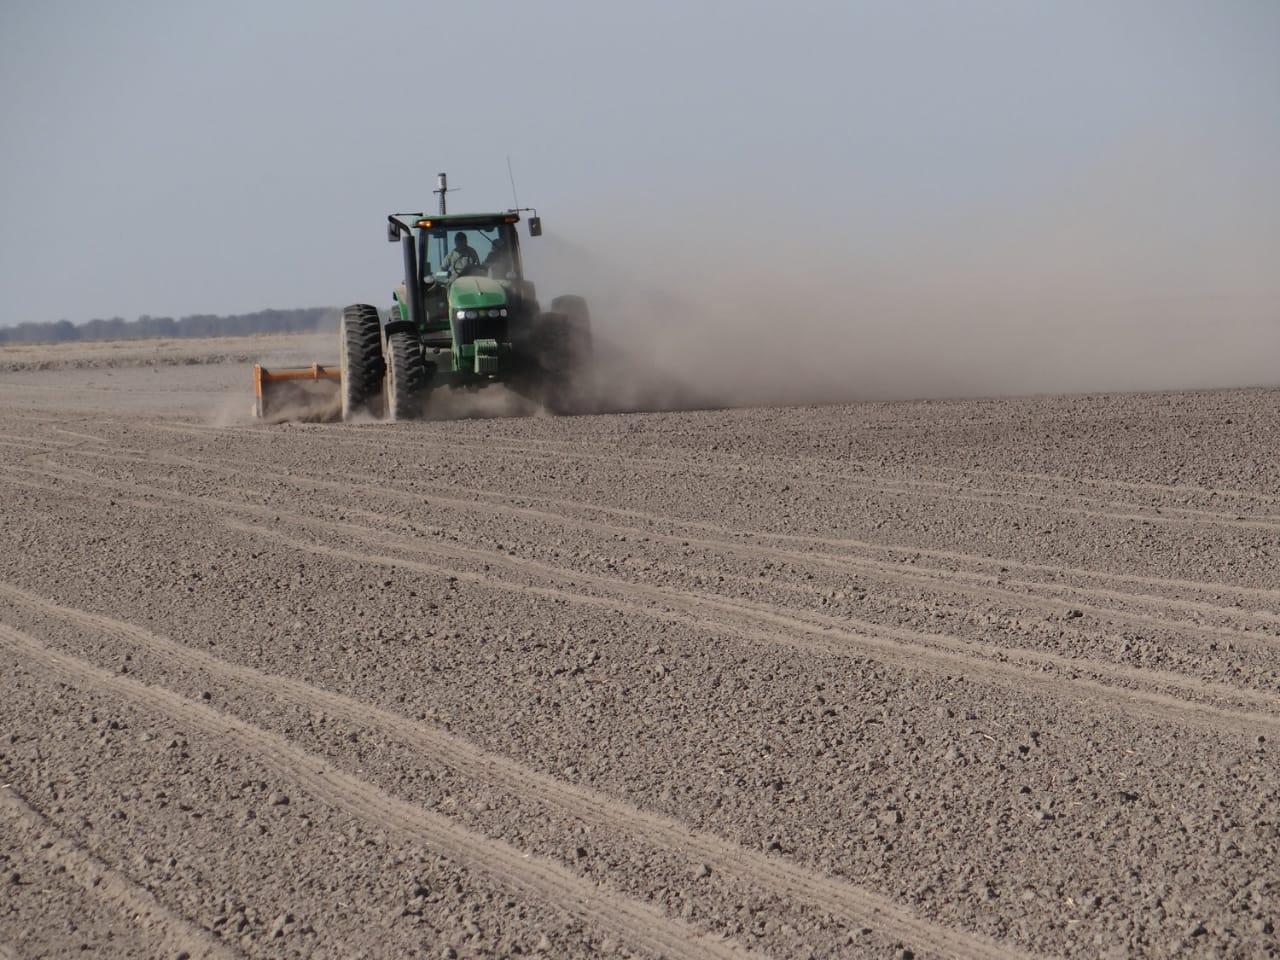 Empresa de Semillas, Panamá - Sacamos semilla de la más alta calidad gracias al sistema de riego y drenaje que nos permite sembrar en la mejor época de producción durante el verano.Proyecto